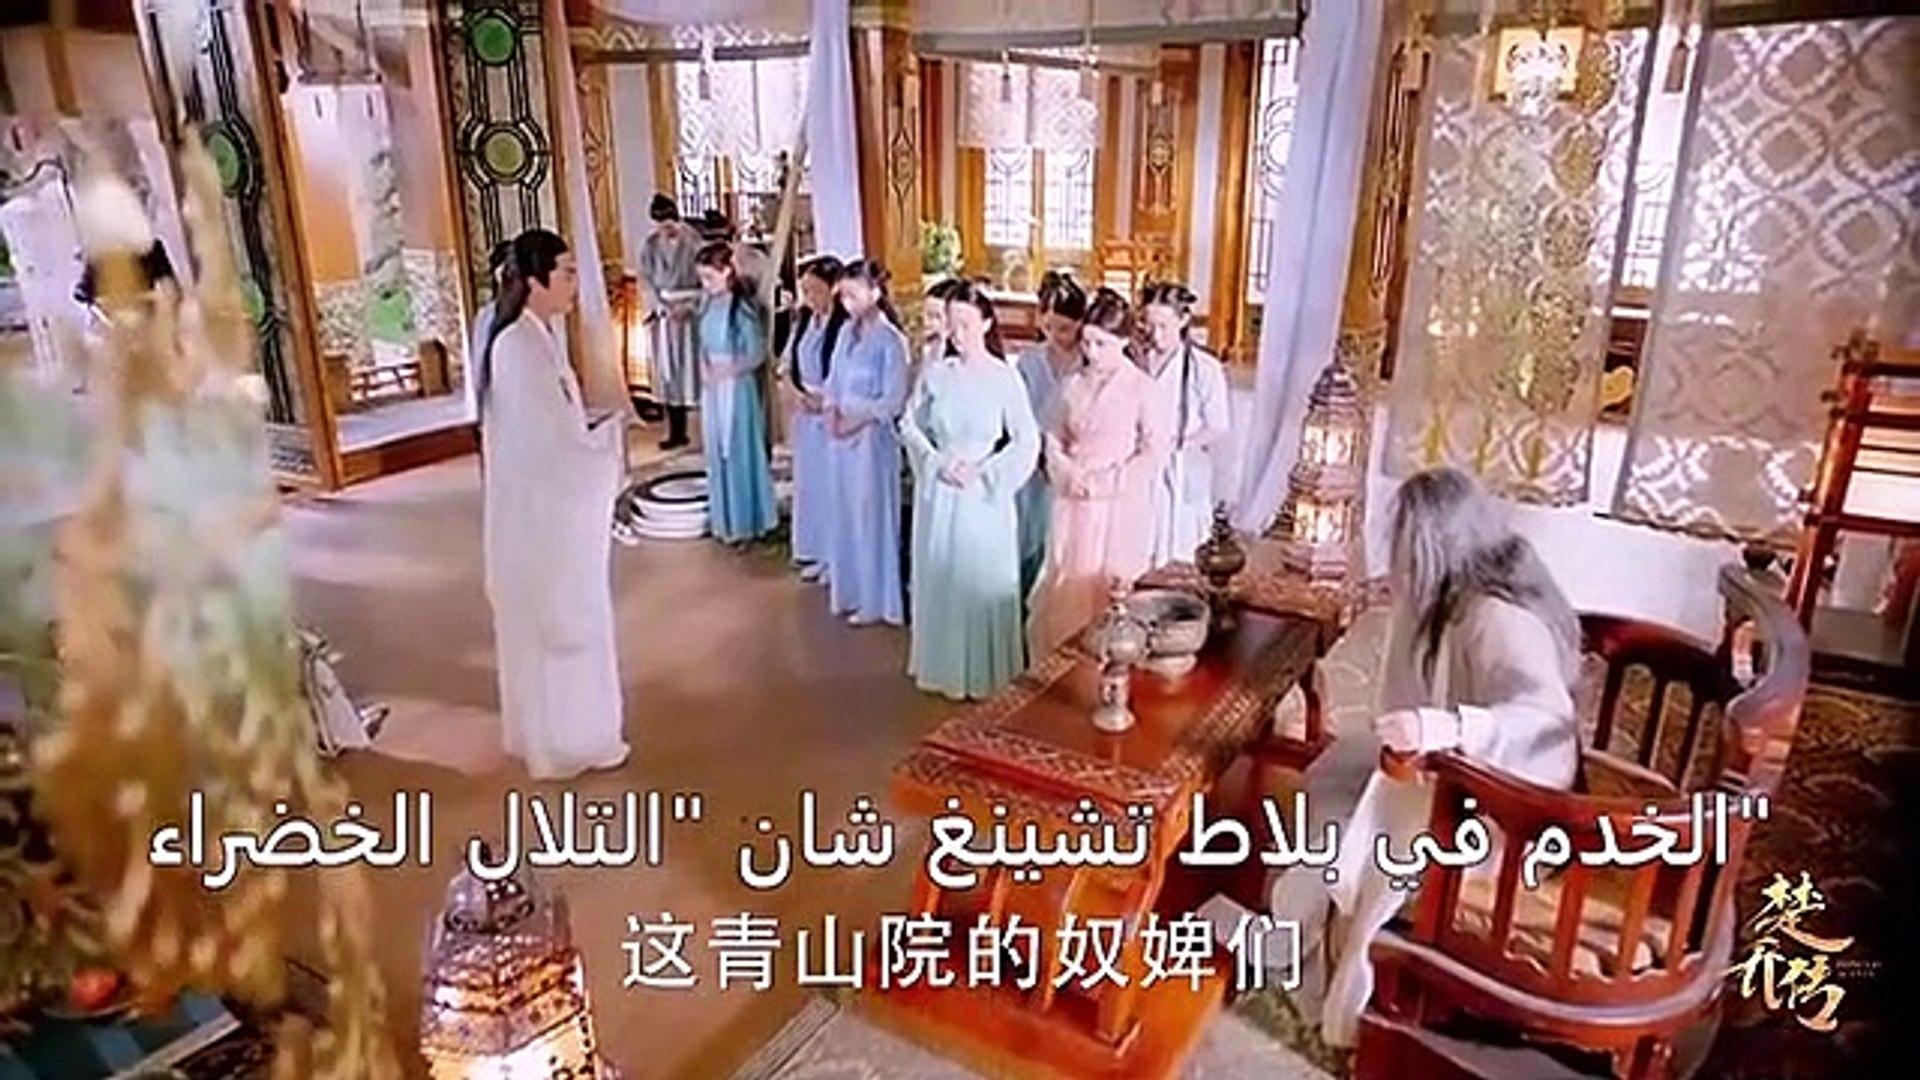 مسلسل وكلاء الاميرة مترجم الحلقة  4